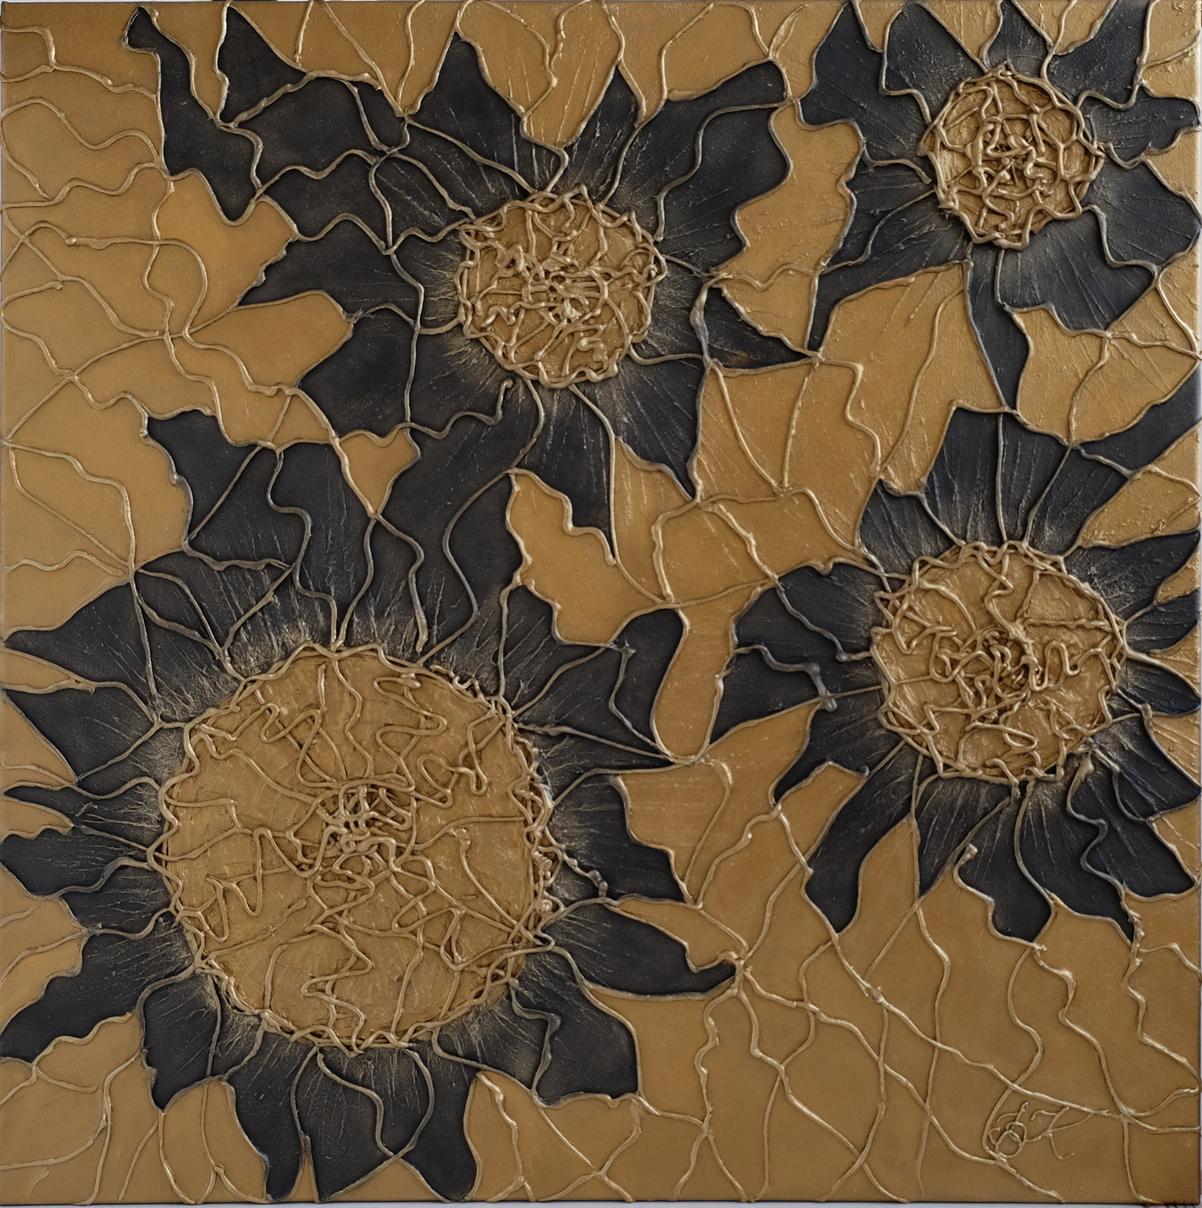 Gold Sensation strukturalny obraz akrylowy na płótnie lnianymArka, strukturalny obraz akrylowy na płótnie lnianym